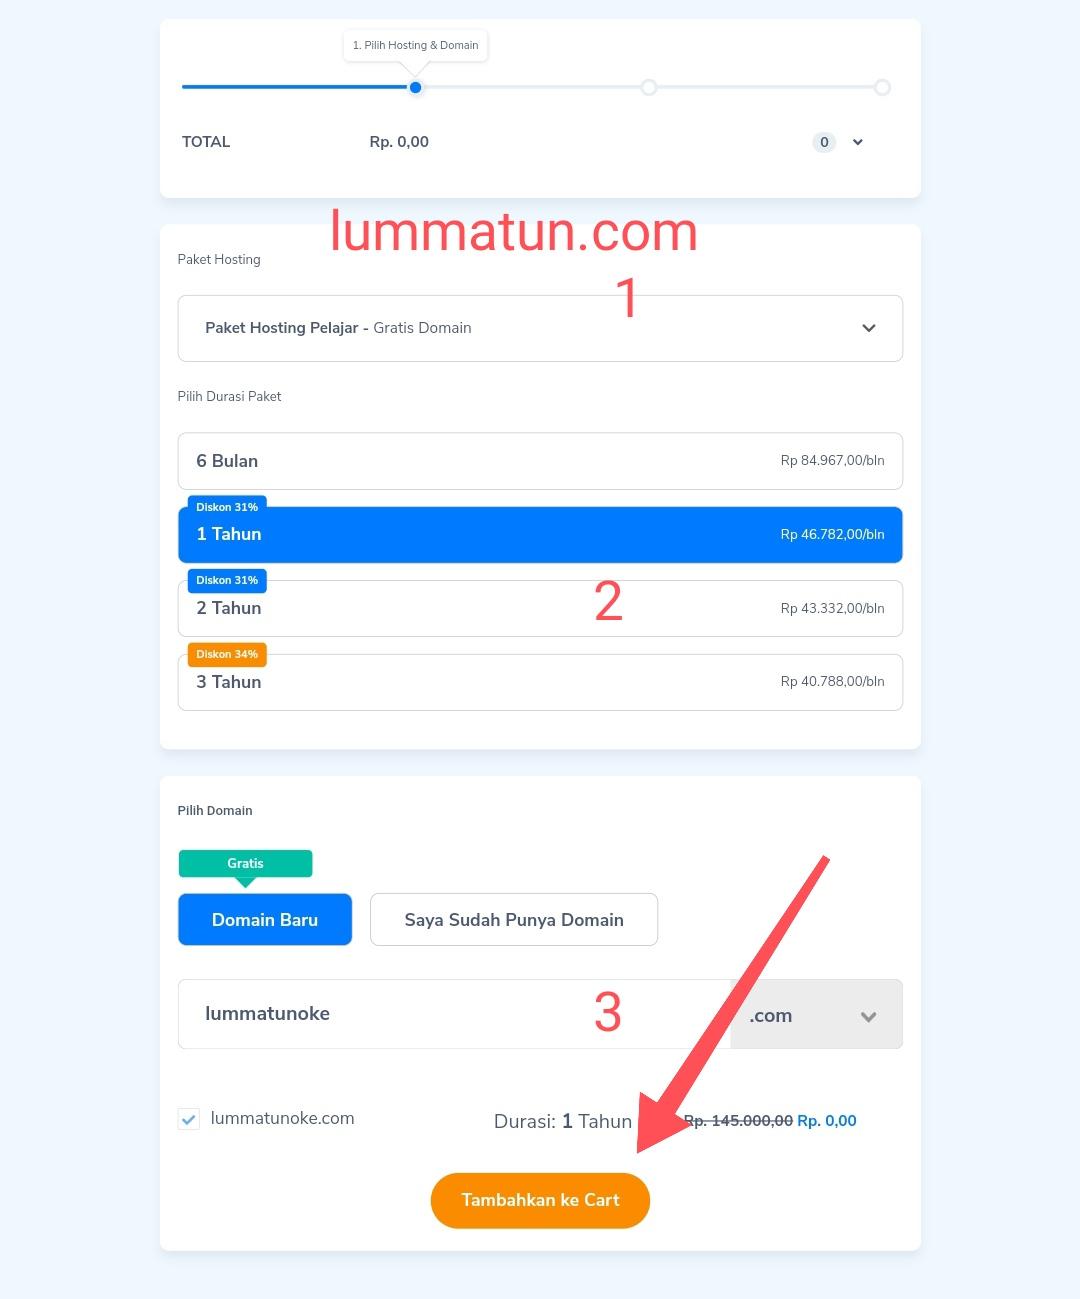 Memilih durasi paket hosting dan domain